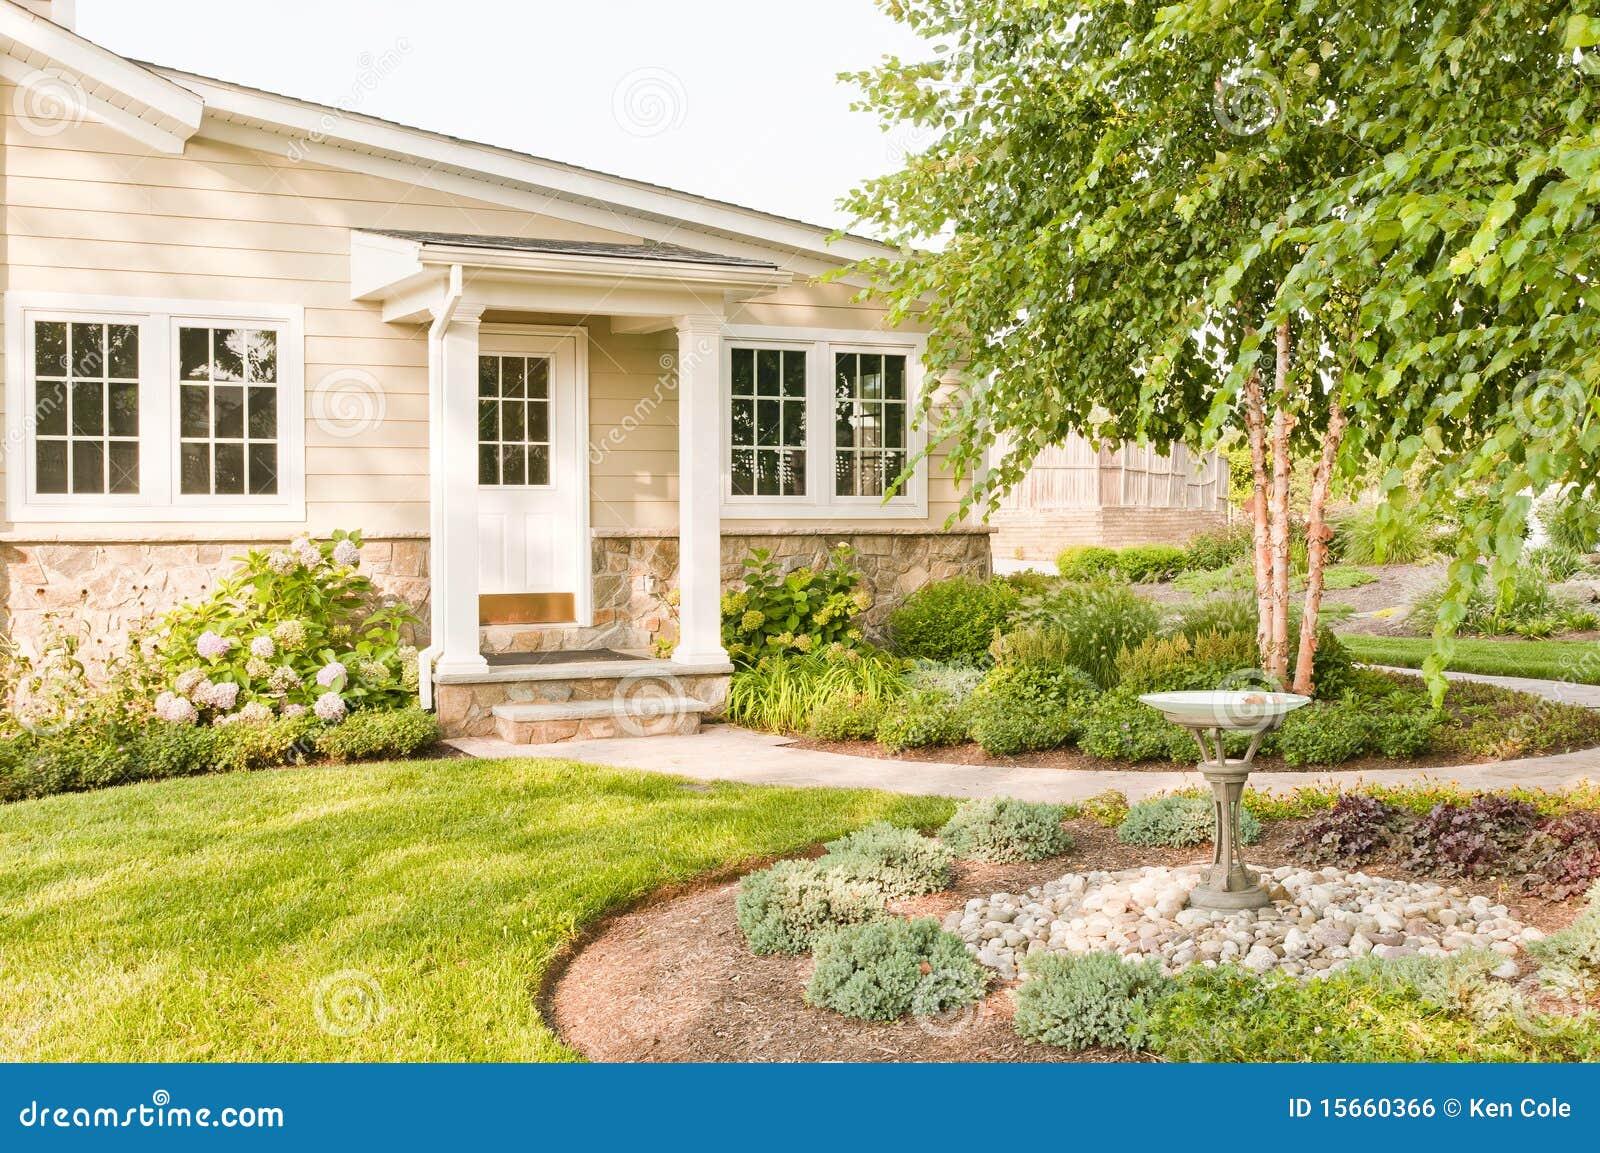 house landscaped backyard royalty free stock image image 15660366